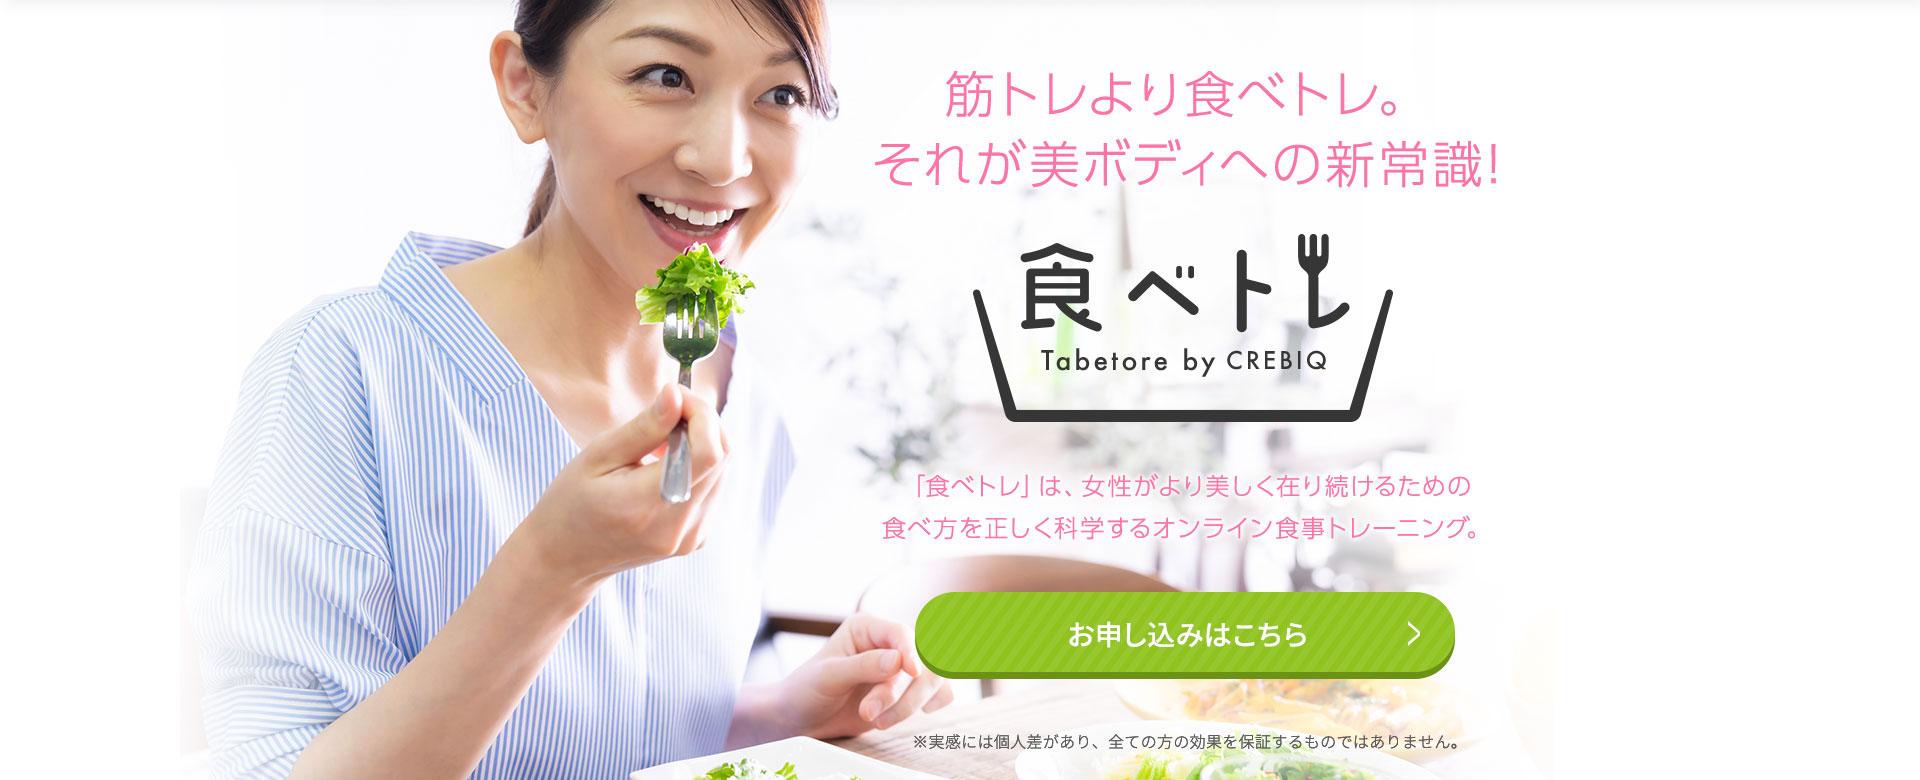 """""""筋トレより食べトレ。それが美ボディへの新常識"""" 「食べトレ By CREBIQ」"""